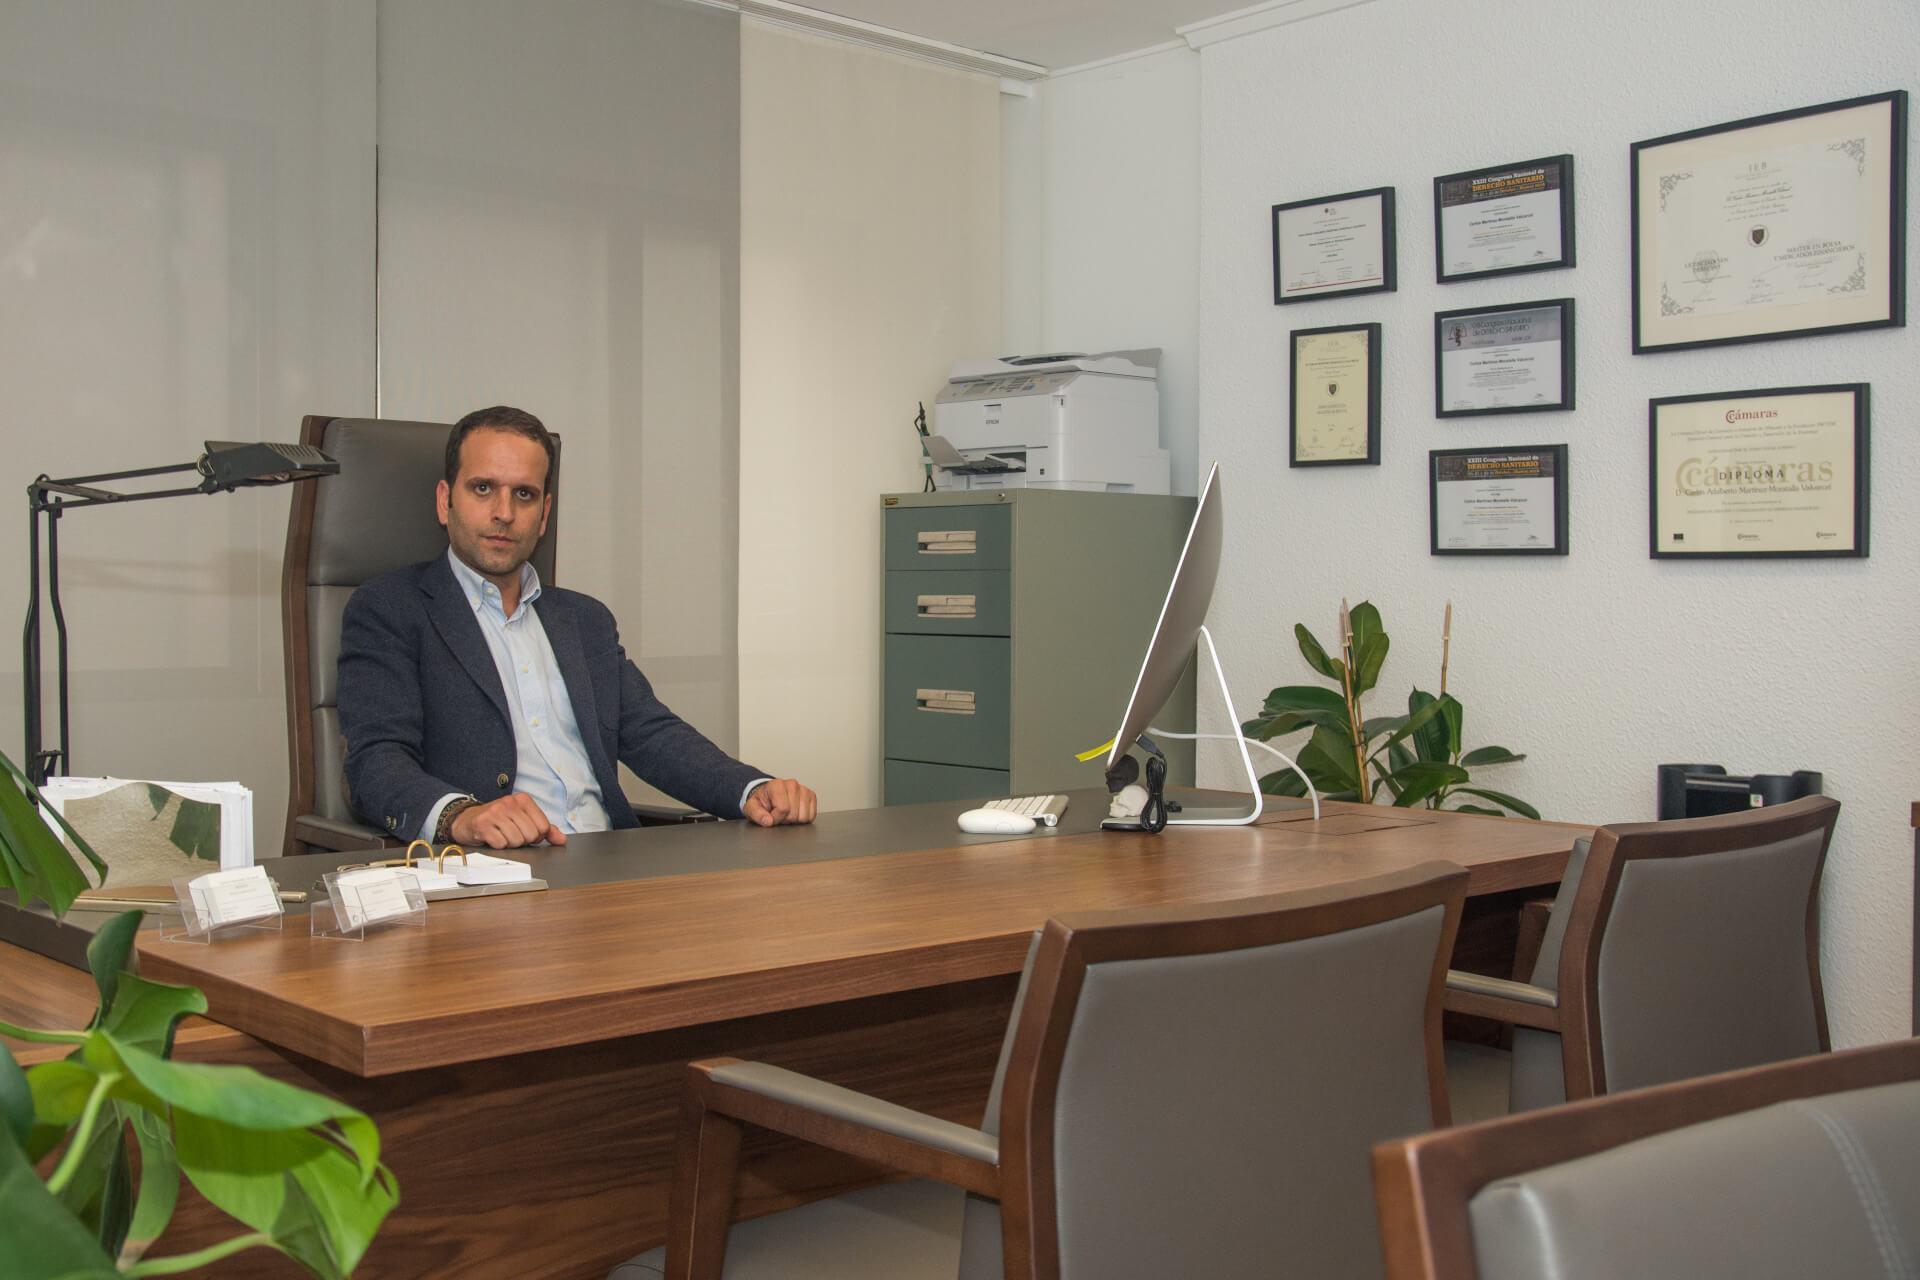 Inicio Carlos Herencias Moratalla Abogados abogadodeherenciasalbacete.es